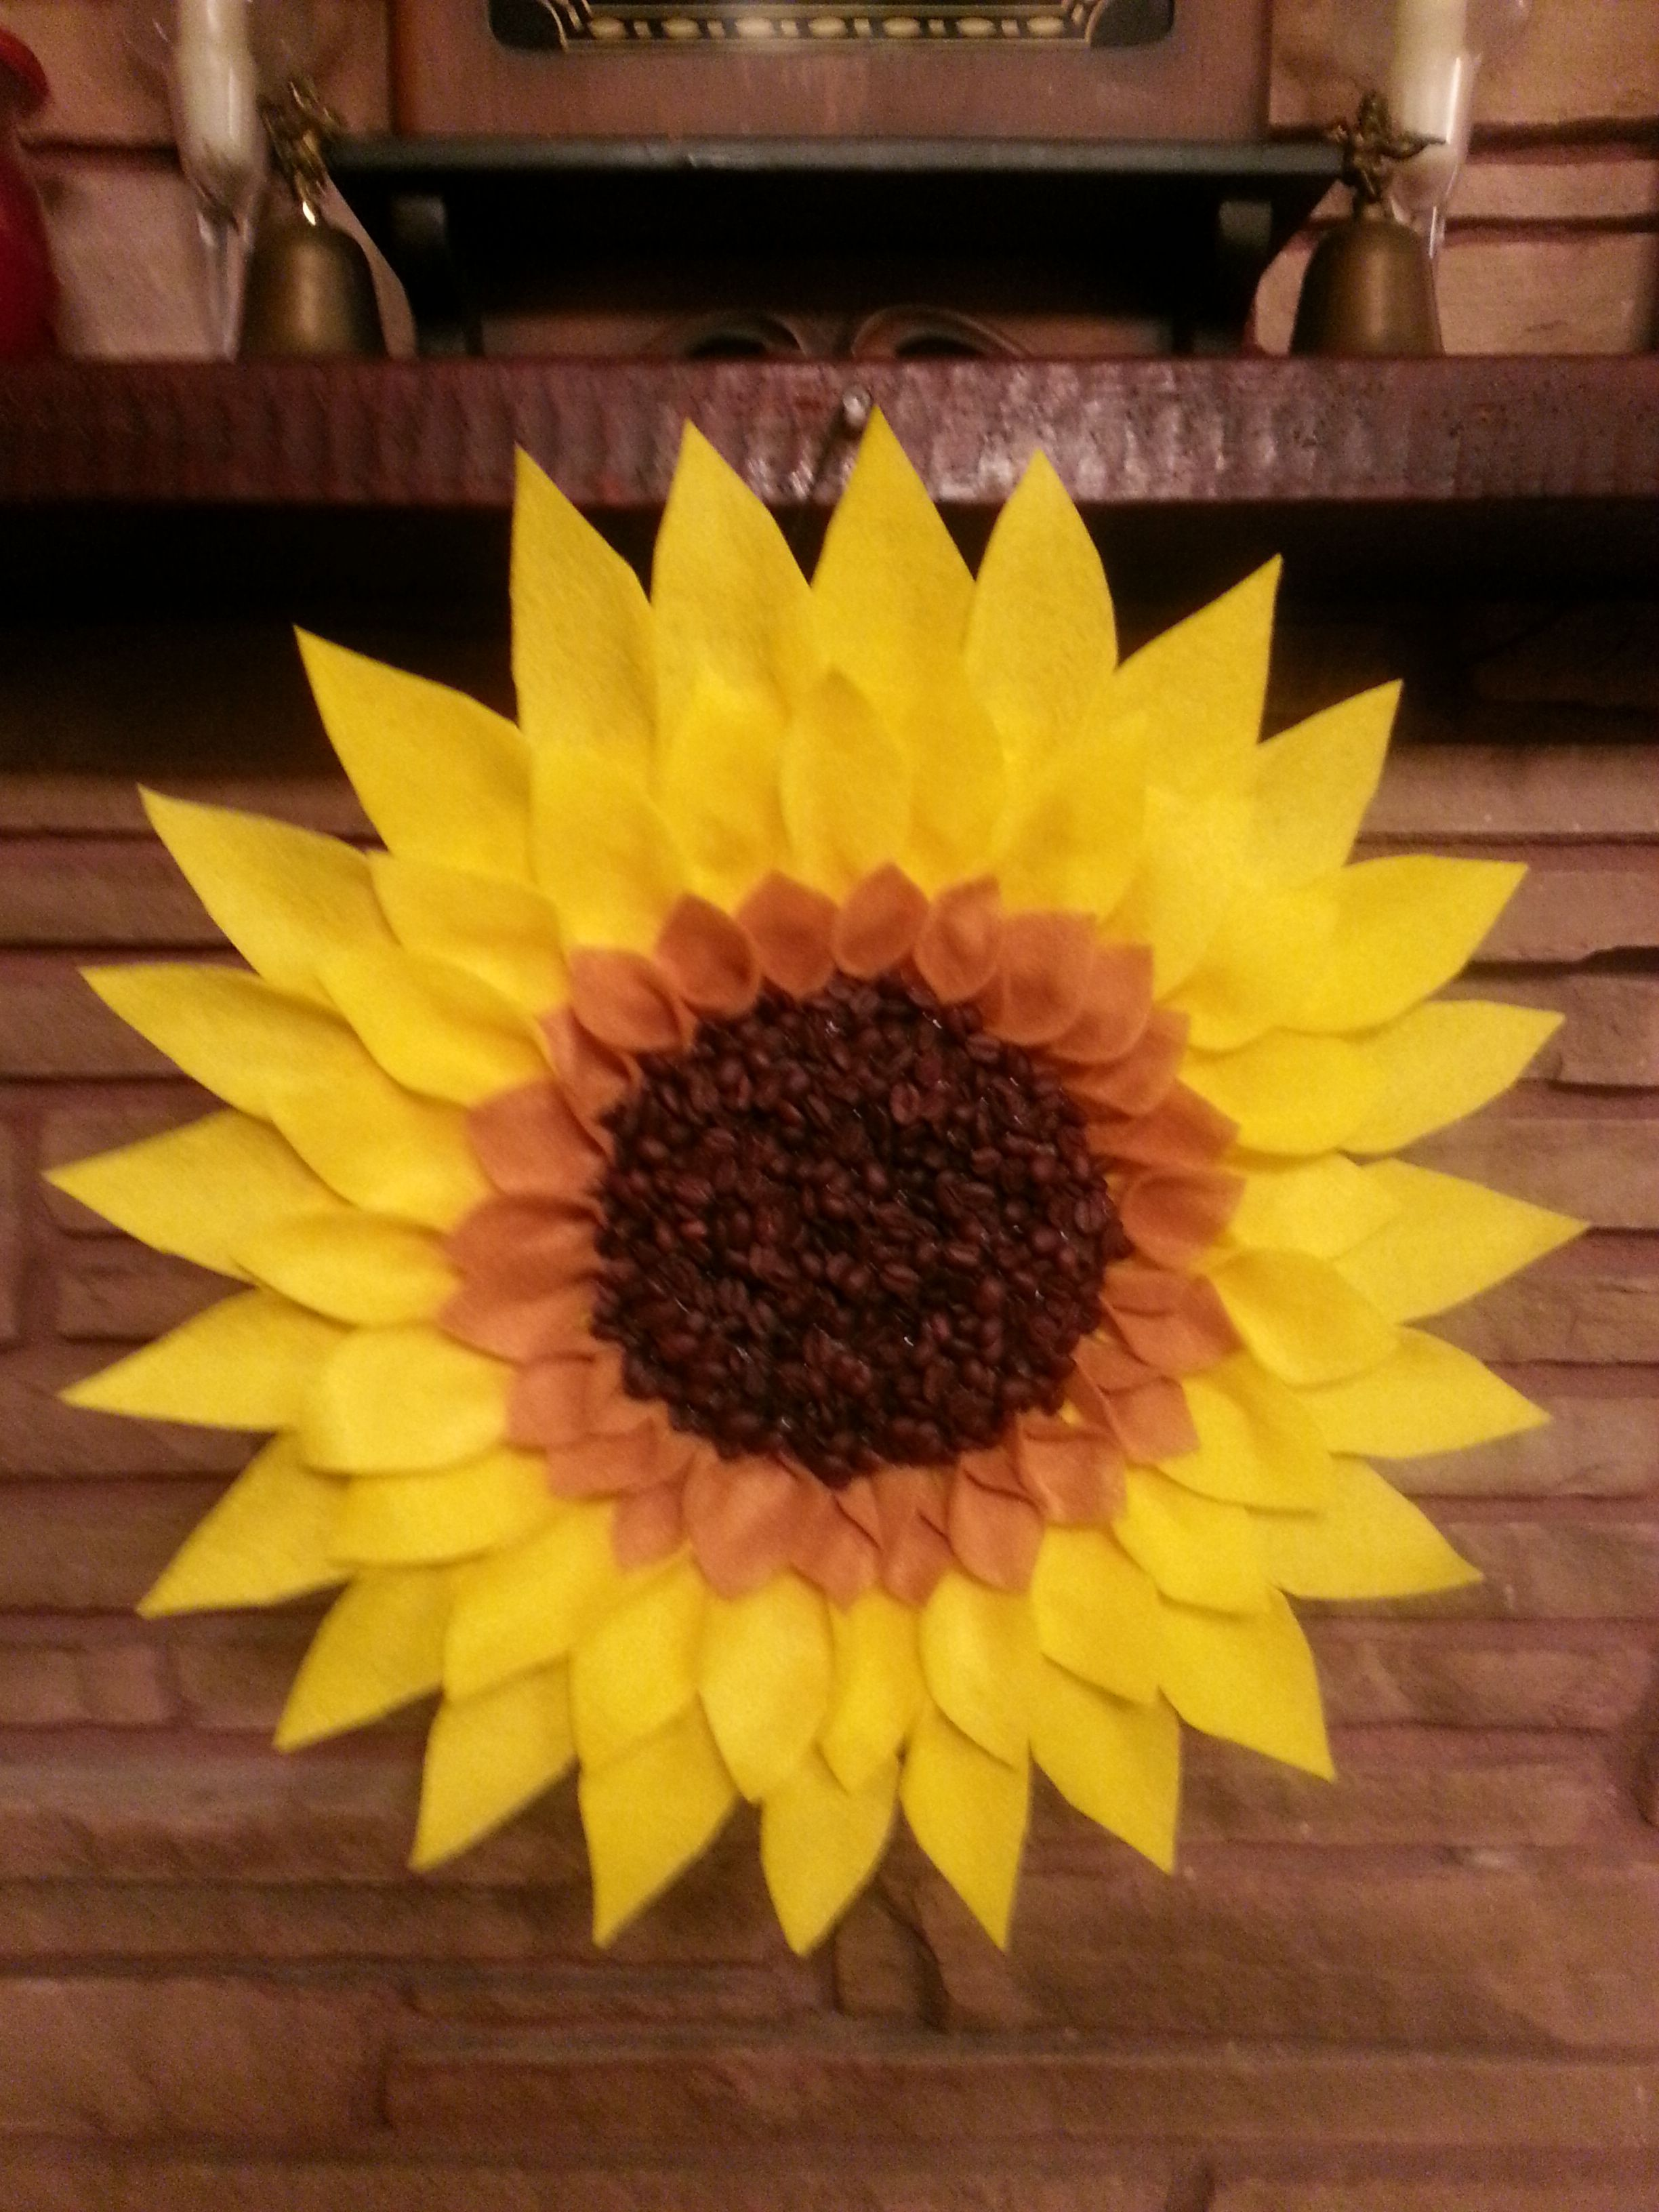 Felt And Coffee Bean Sunflower Wreath